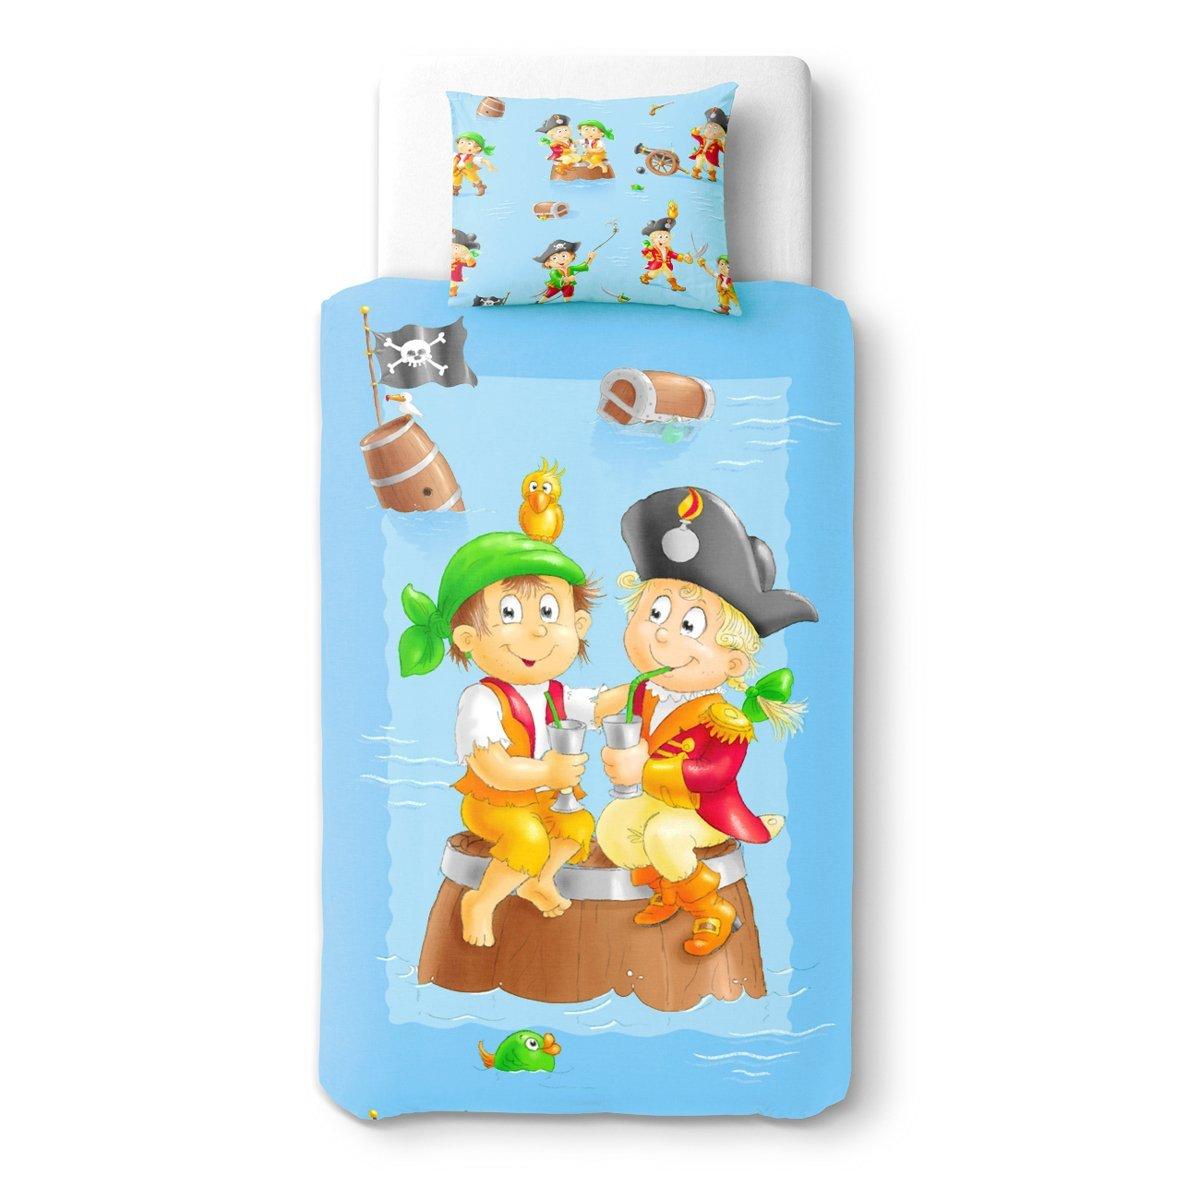 SoulBedroom Baby Pirates au goûter Linge de lit pour bébé (Housse de Couette 100x140 cm et Taie d'oreiller - 100% Coton)